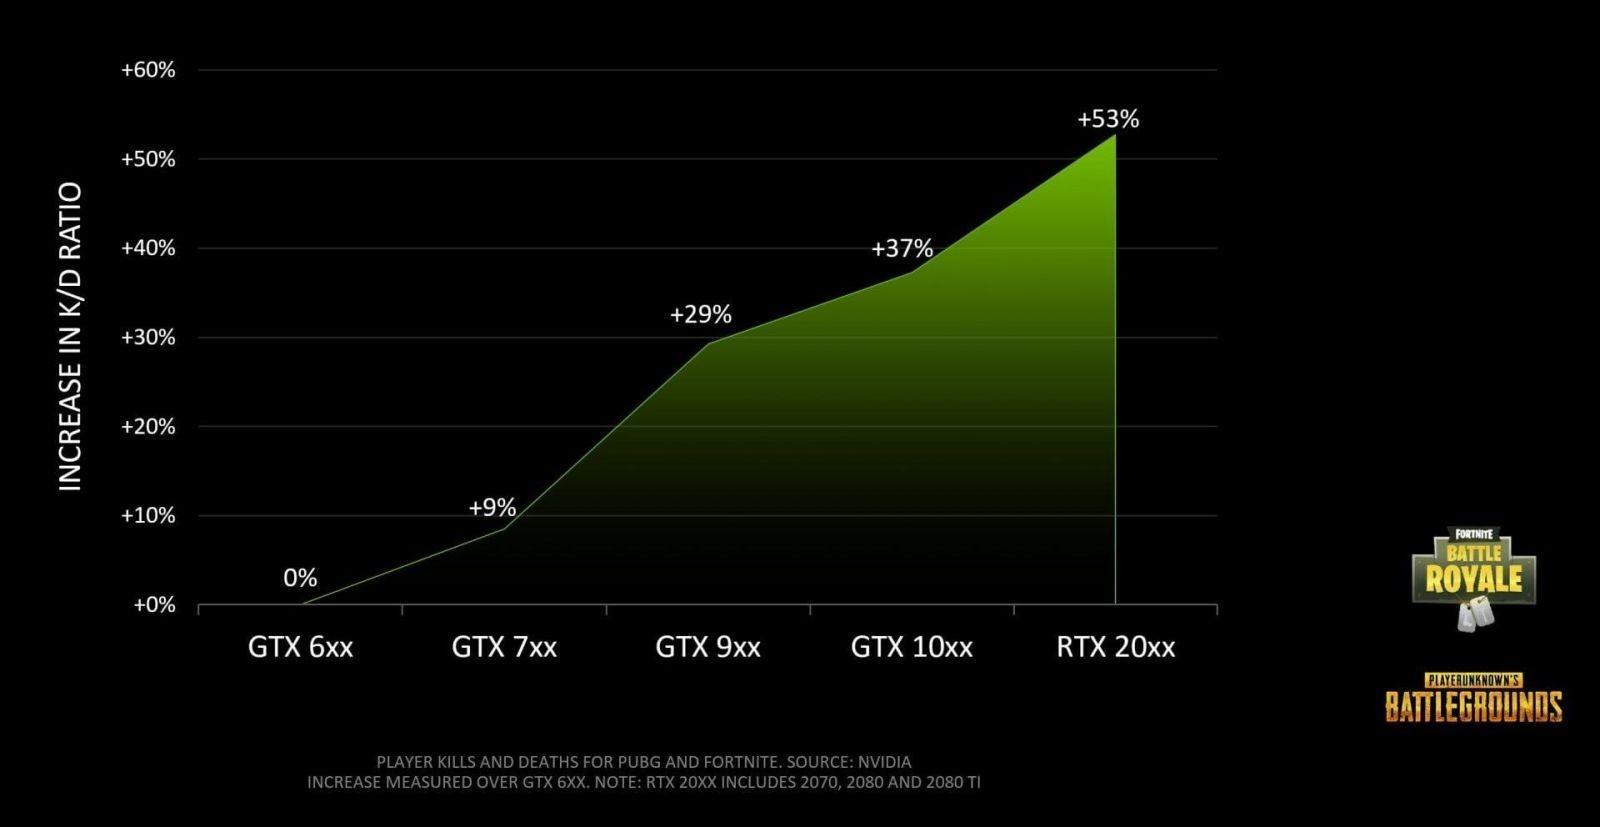 NVIDIA показала, почему геймеры PUBG и Fortnite должны инвестировать в видеокарты